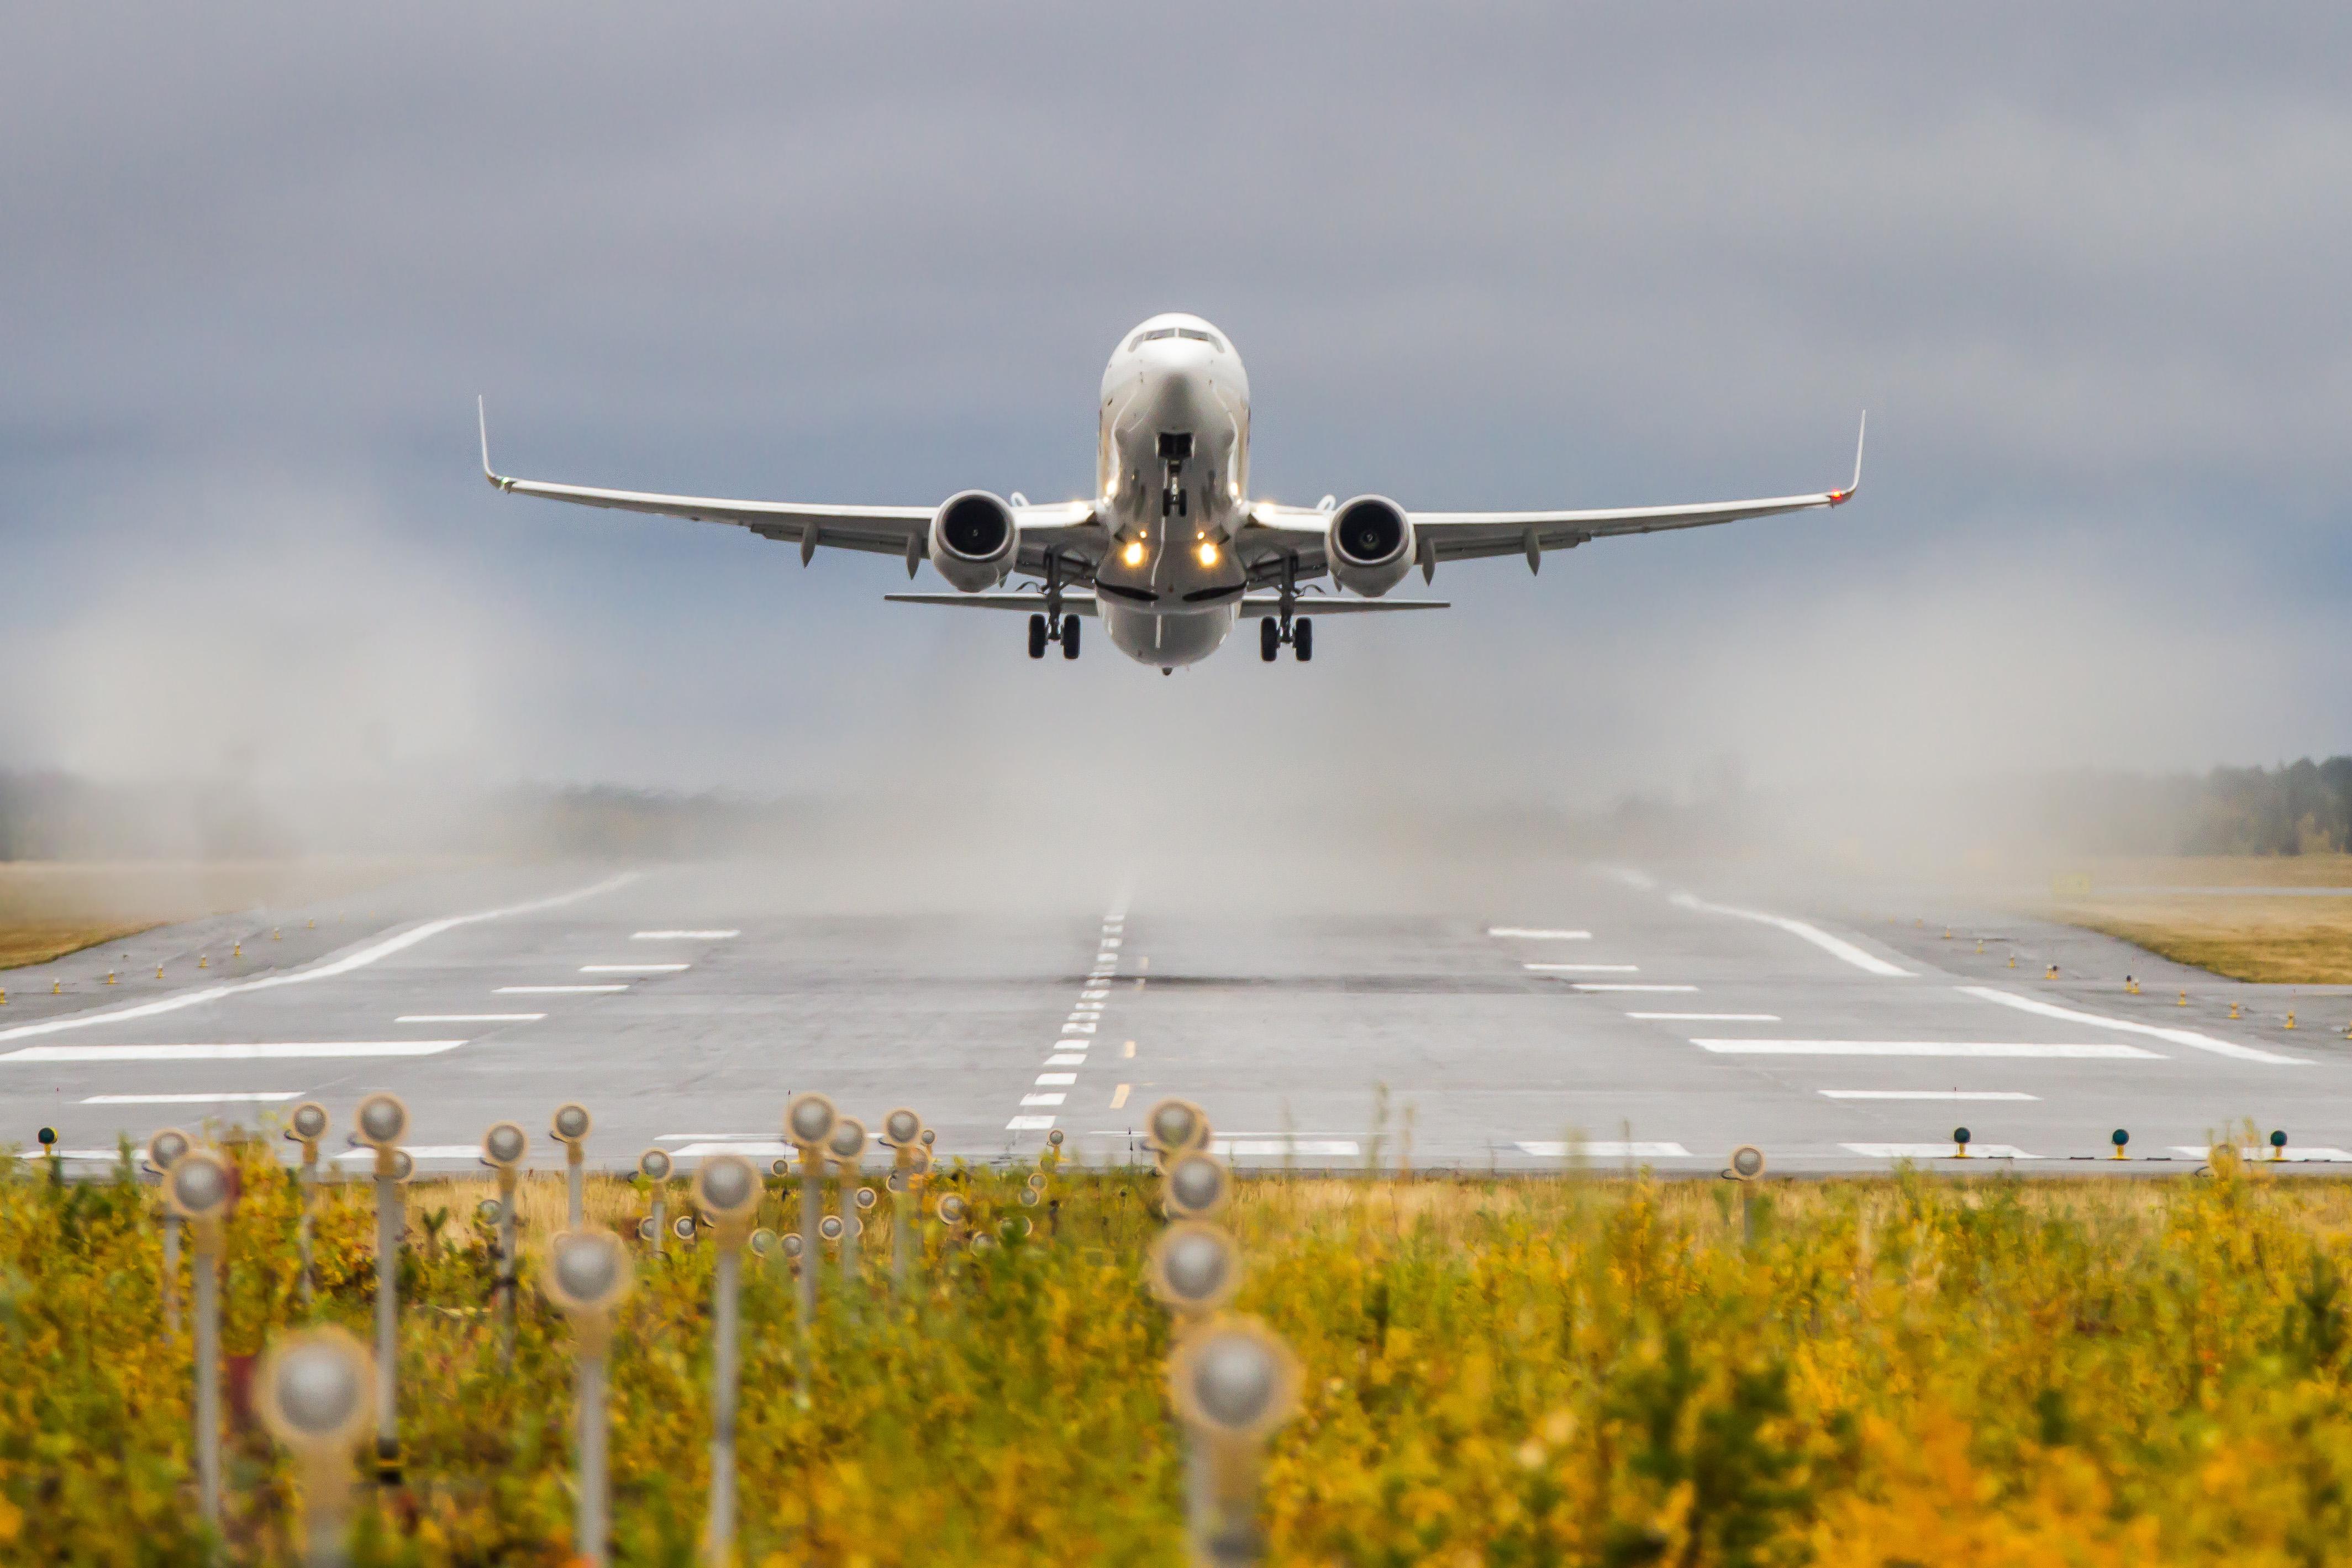 """e8185e9204fc1 Самой пунктуальной авиакомпанией в России в 2018 году стала Utair,  задержавшая всего 0,82% всех рейсов. На втором месте – авиакомпания  """"Россия"""" с 0,99% ..."""